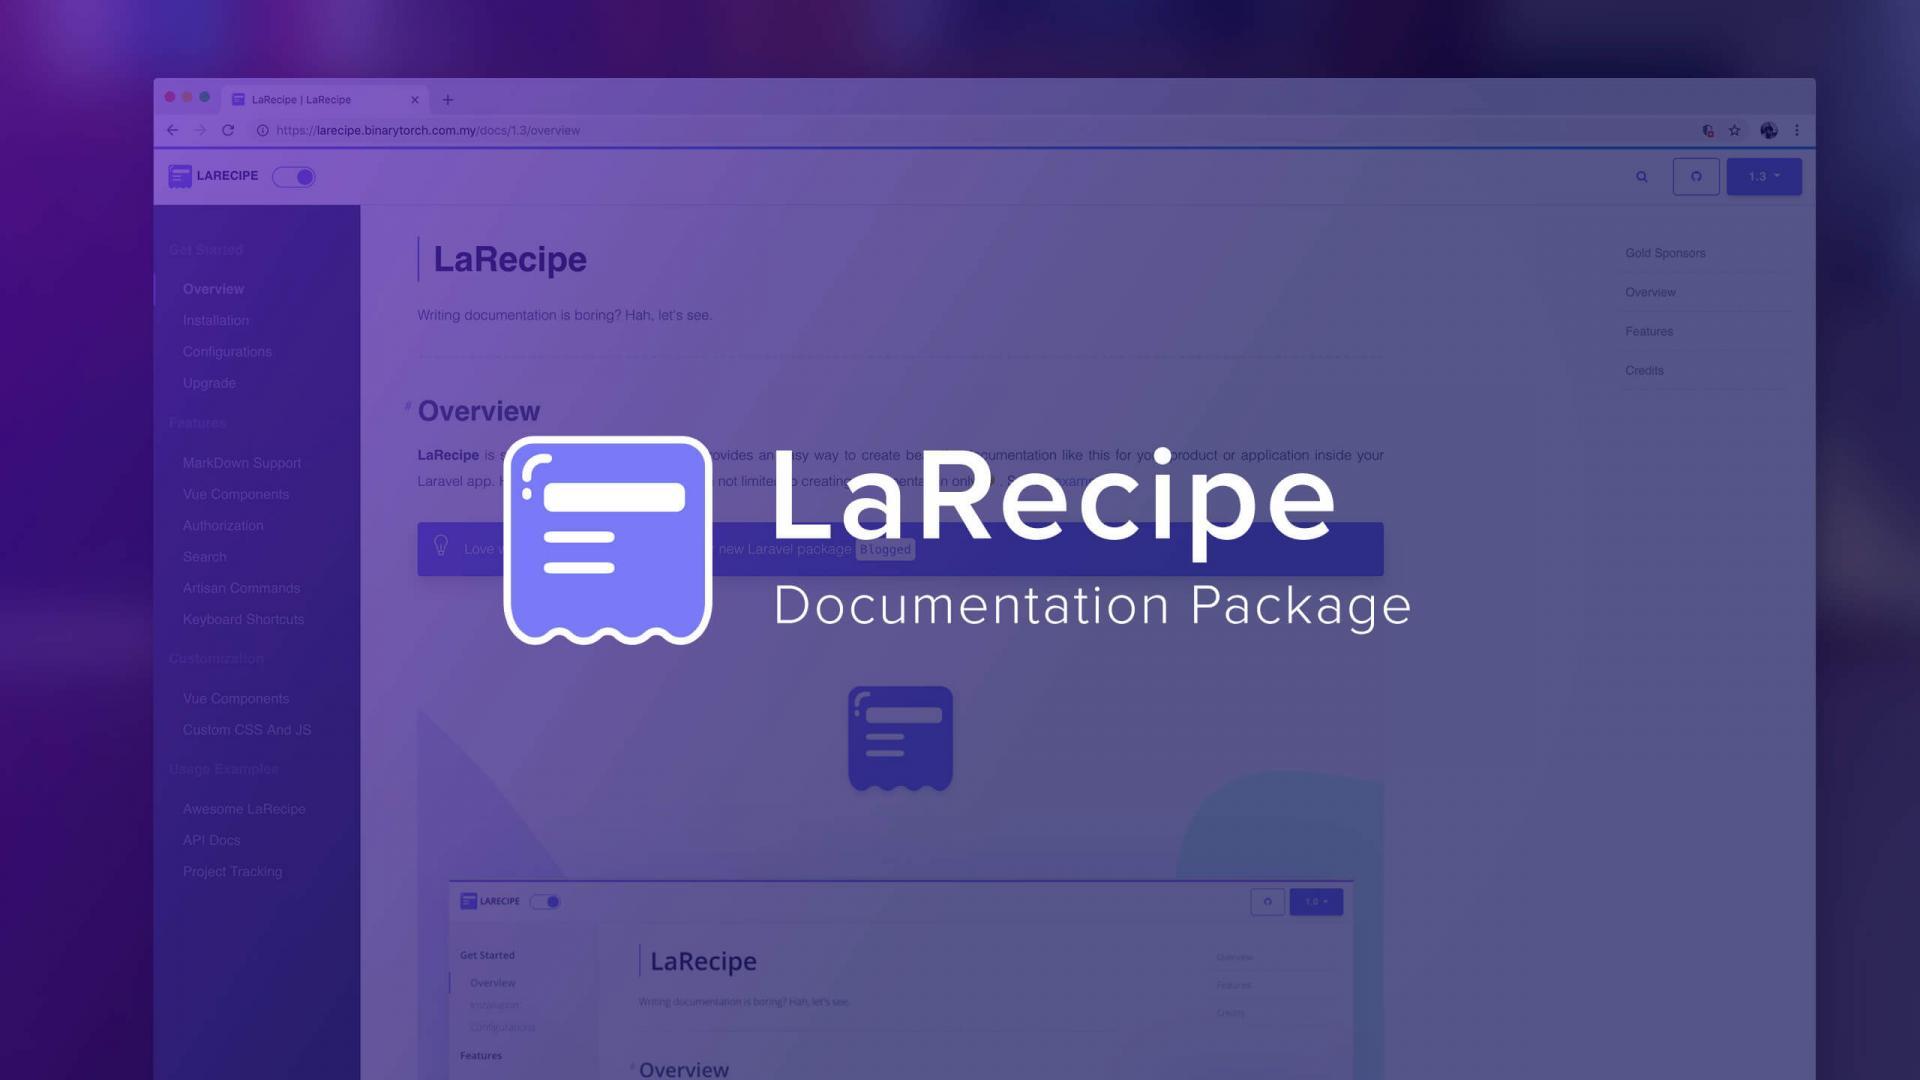 Larecipe Documentation Package